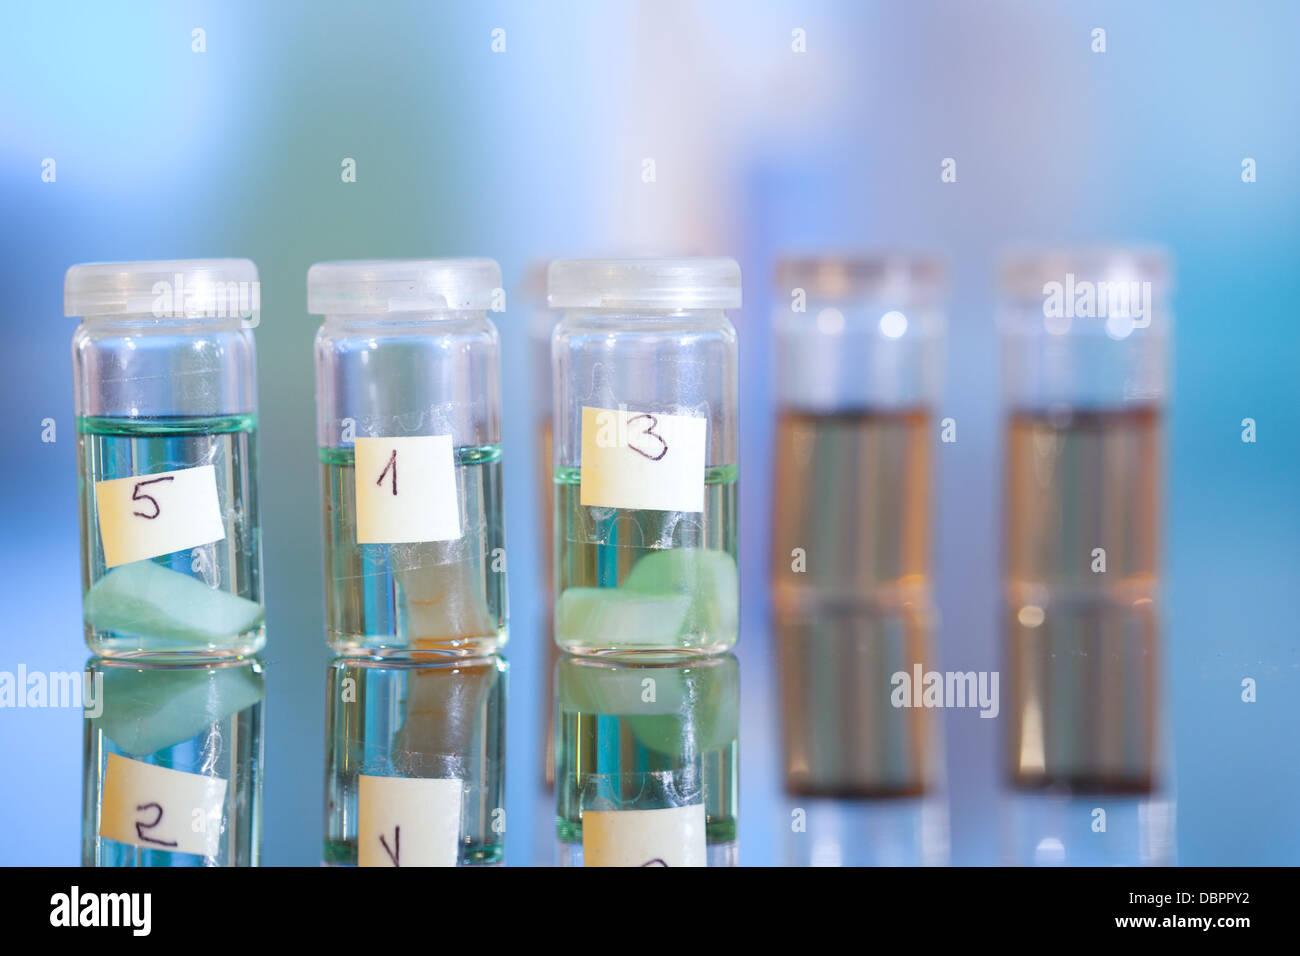 Campioni in fiale in plastica per microscopia e tessuto di biopsia . laboratorio biologico Immagini Stock